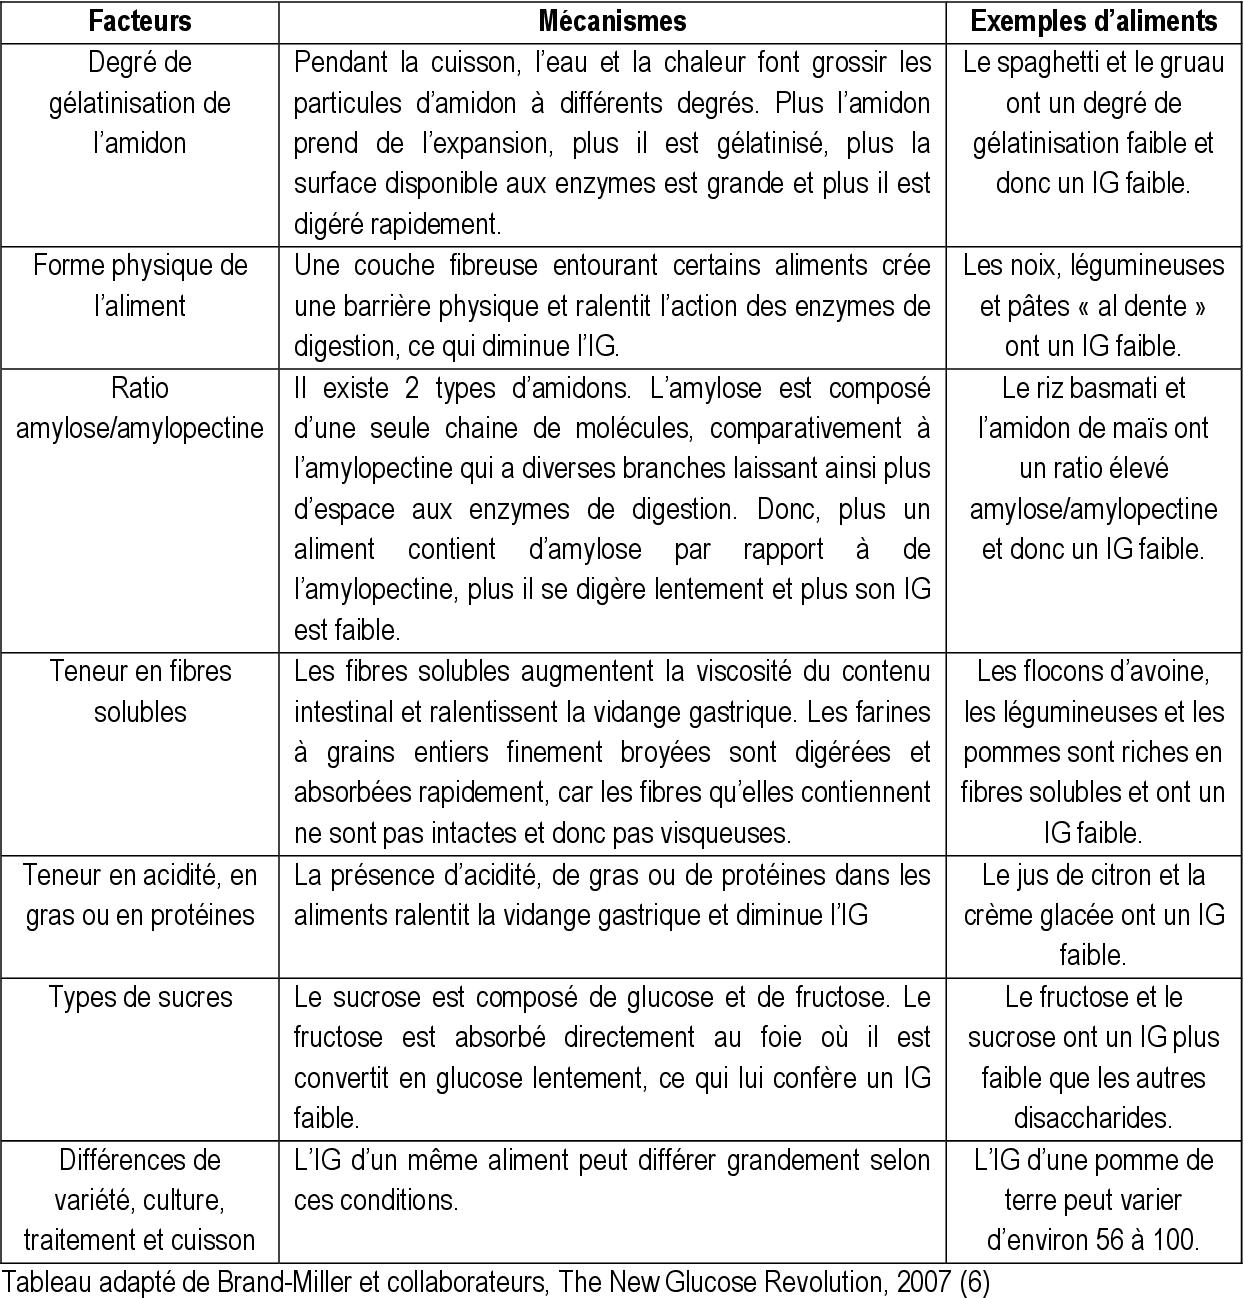 Pdf Indice Et Charge Glycemiques De L Alimentation Et Relations Avec L Obesite Et Le Syndrome Metabolique Au Sein De L Etude Des Familles De Quebec Qfs Semantic Scholar